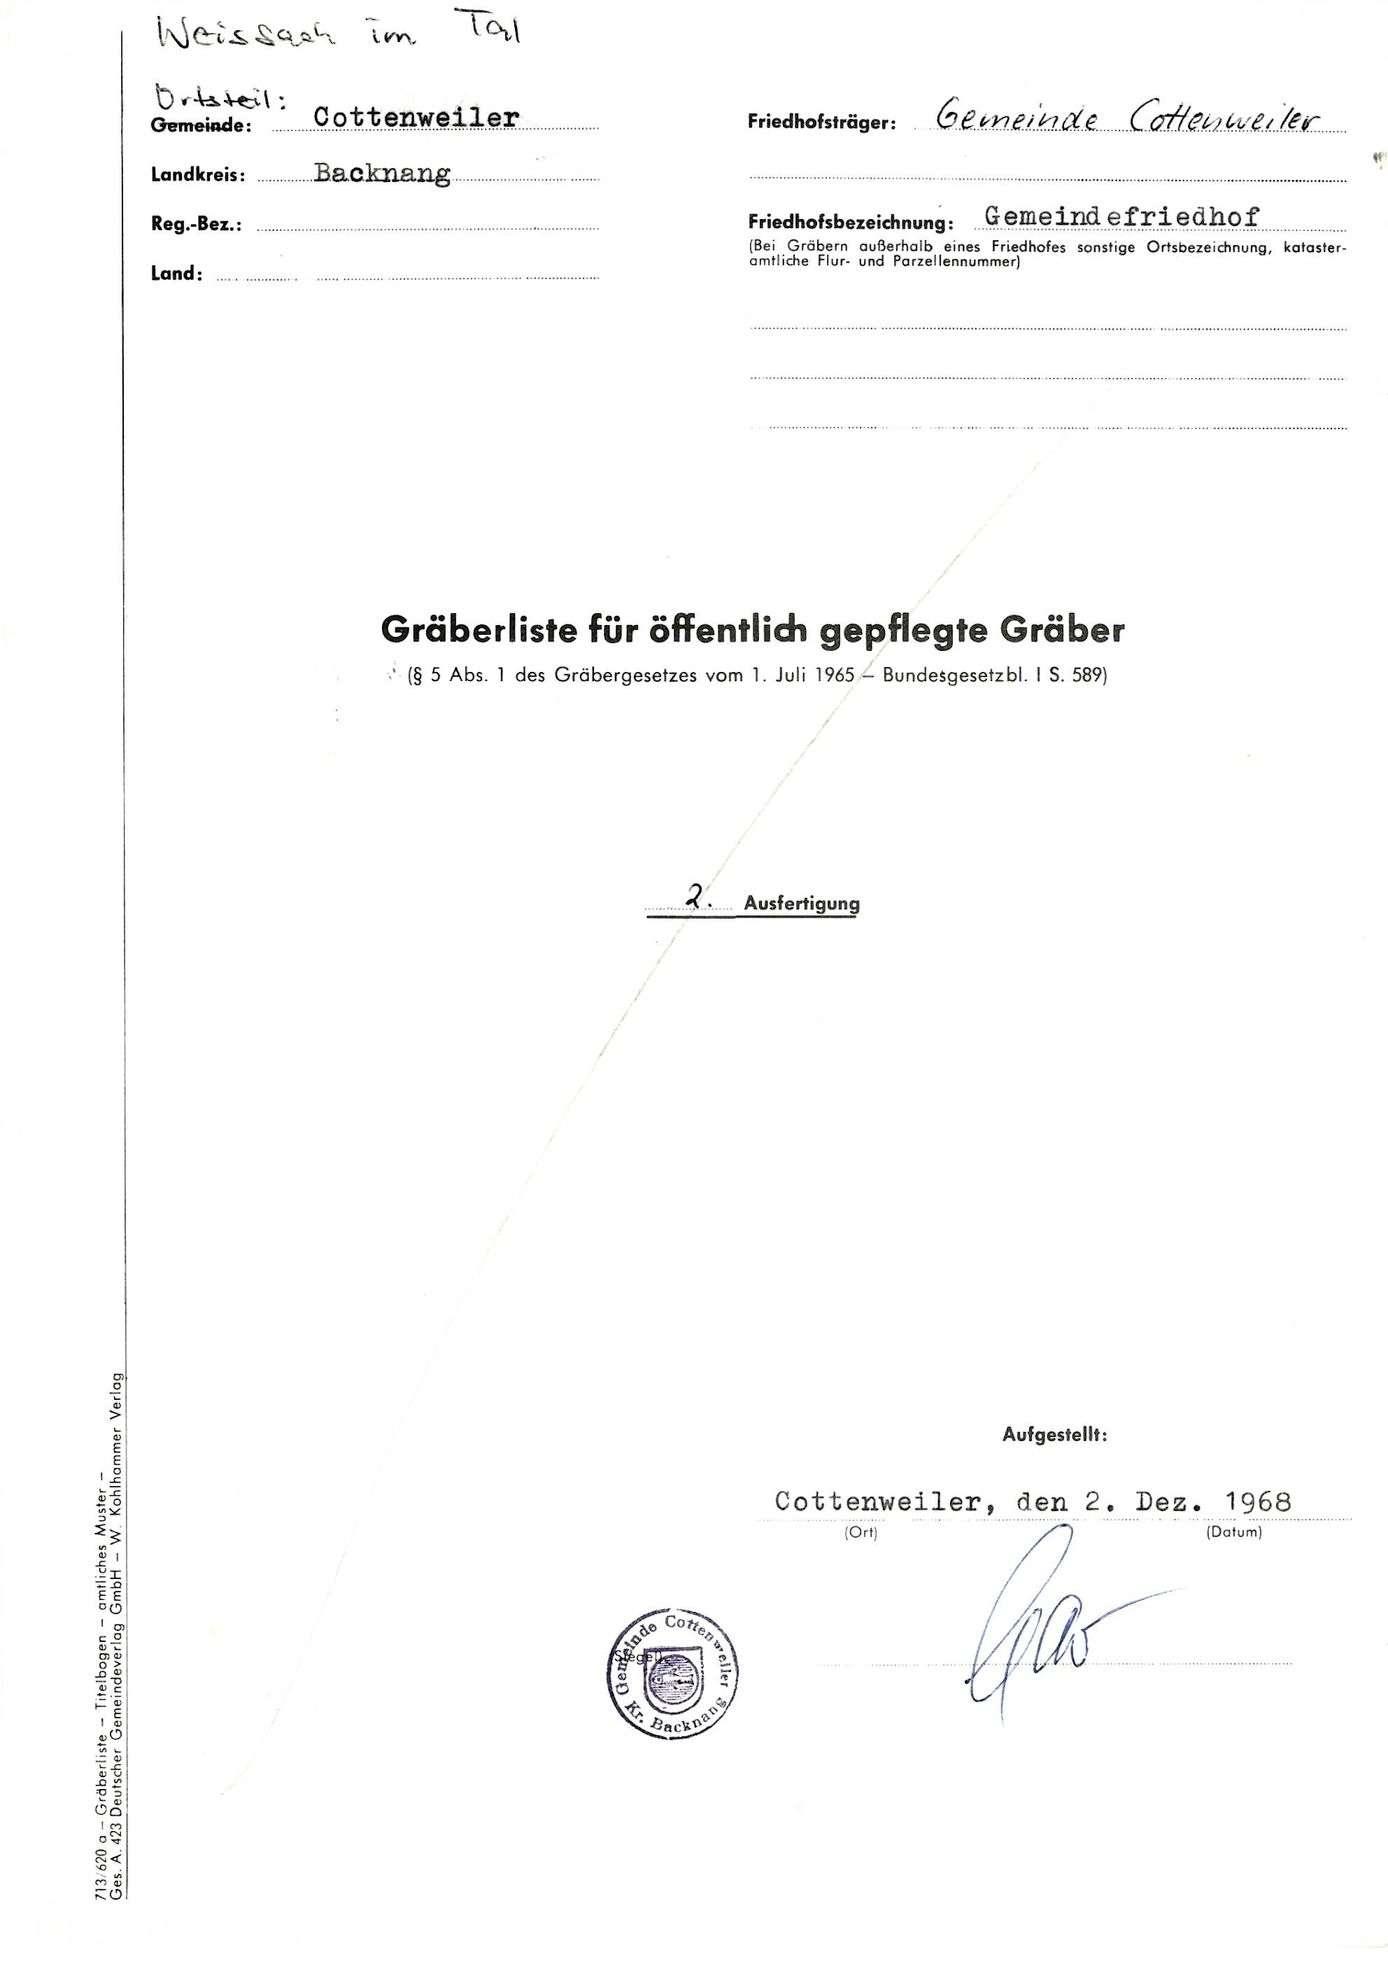 Cottenweiler, Bild 1